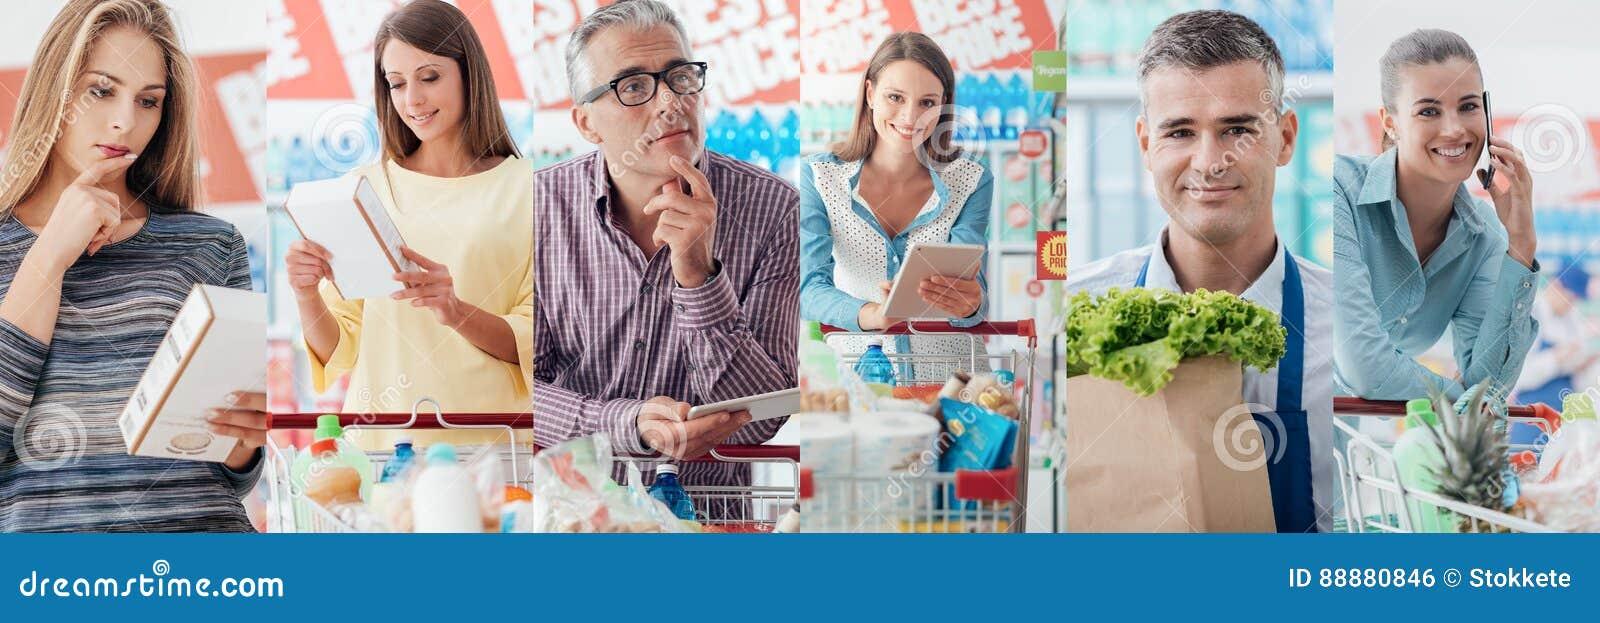 超级市场的人们